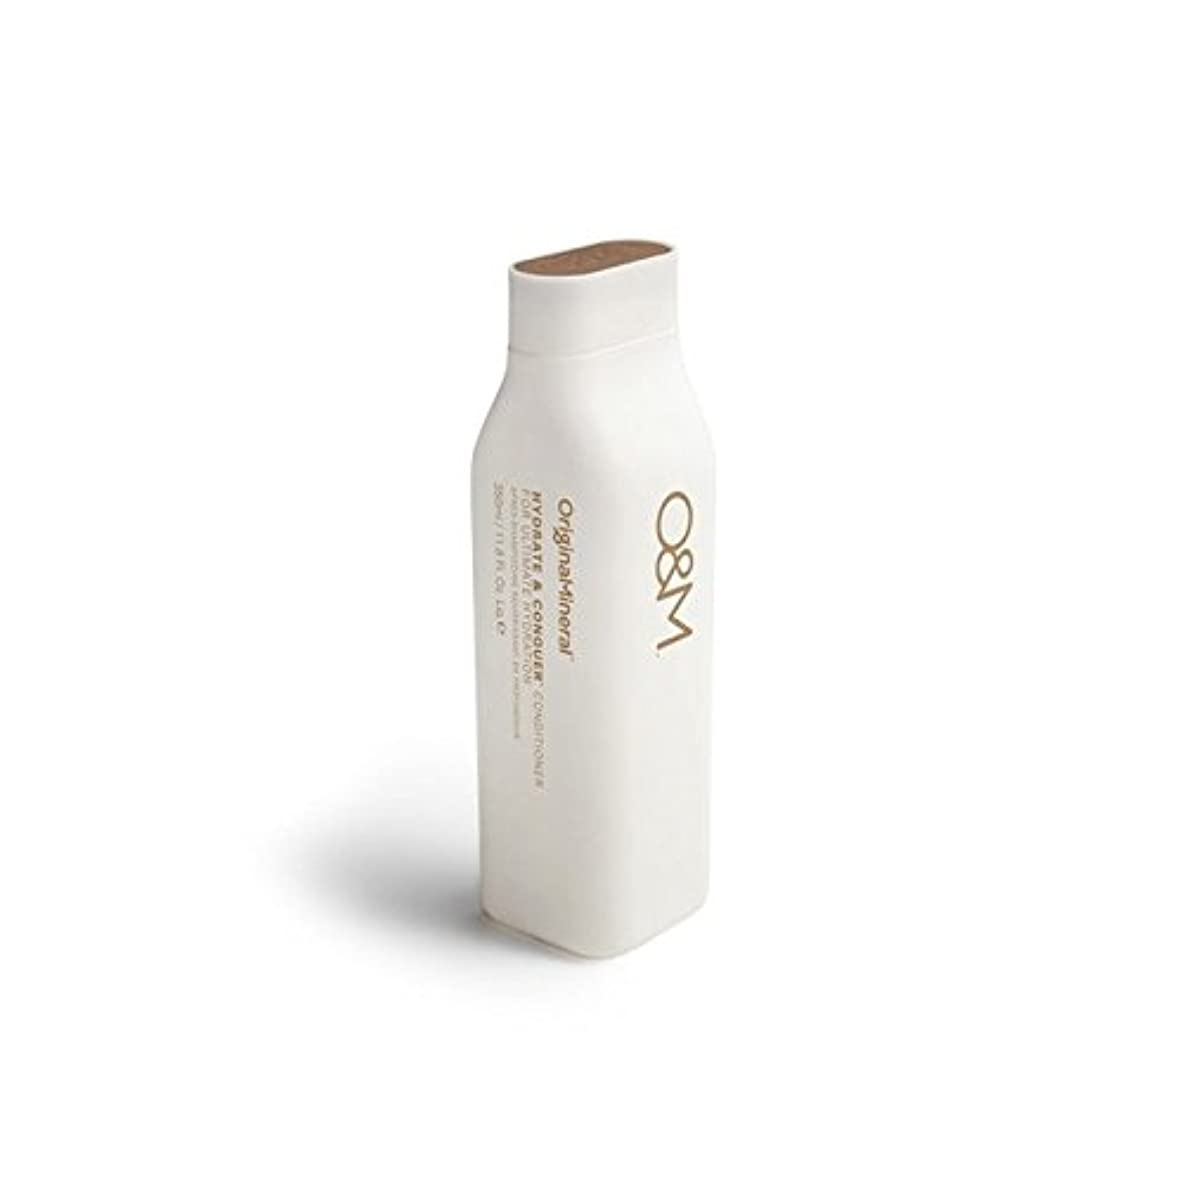 マウント副不愉快にOriginal & Mineral Hydrate And Conquer Conditioner (350ml) - オリジナル&ミネラル水和物及びコンディショナー(350ミリリットル)を征服 [並行輸入品]